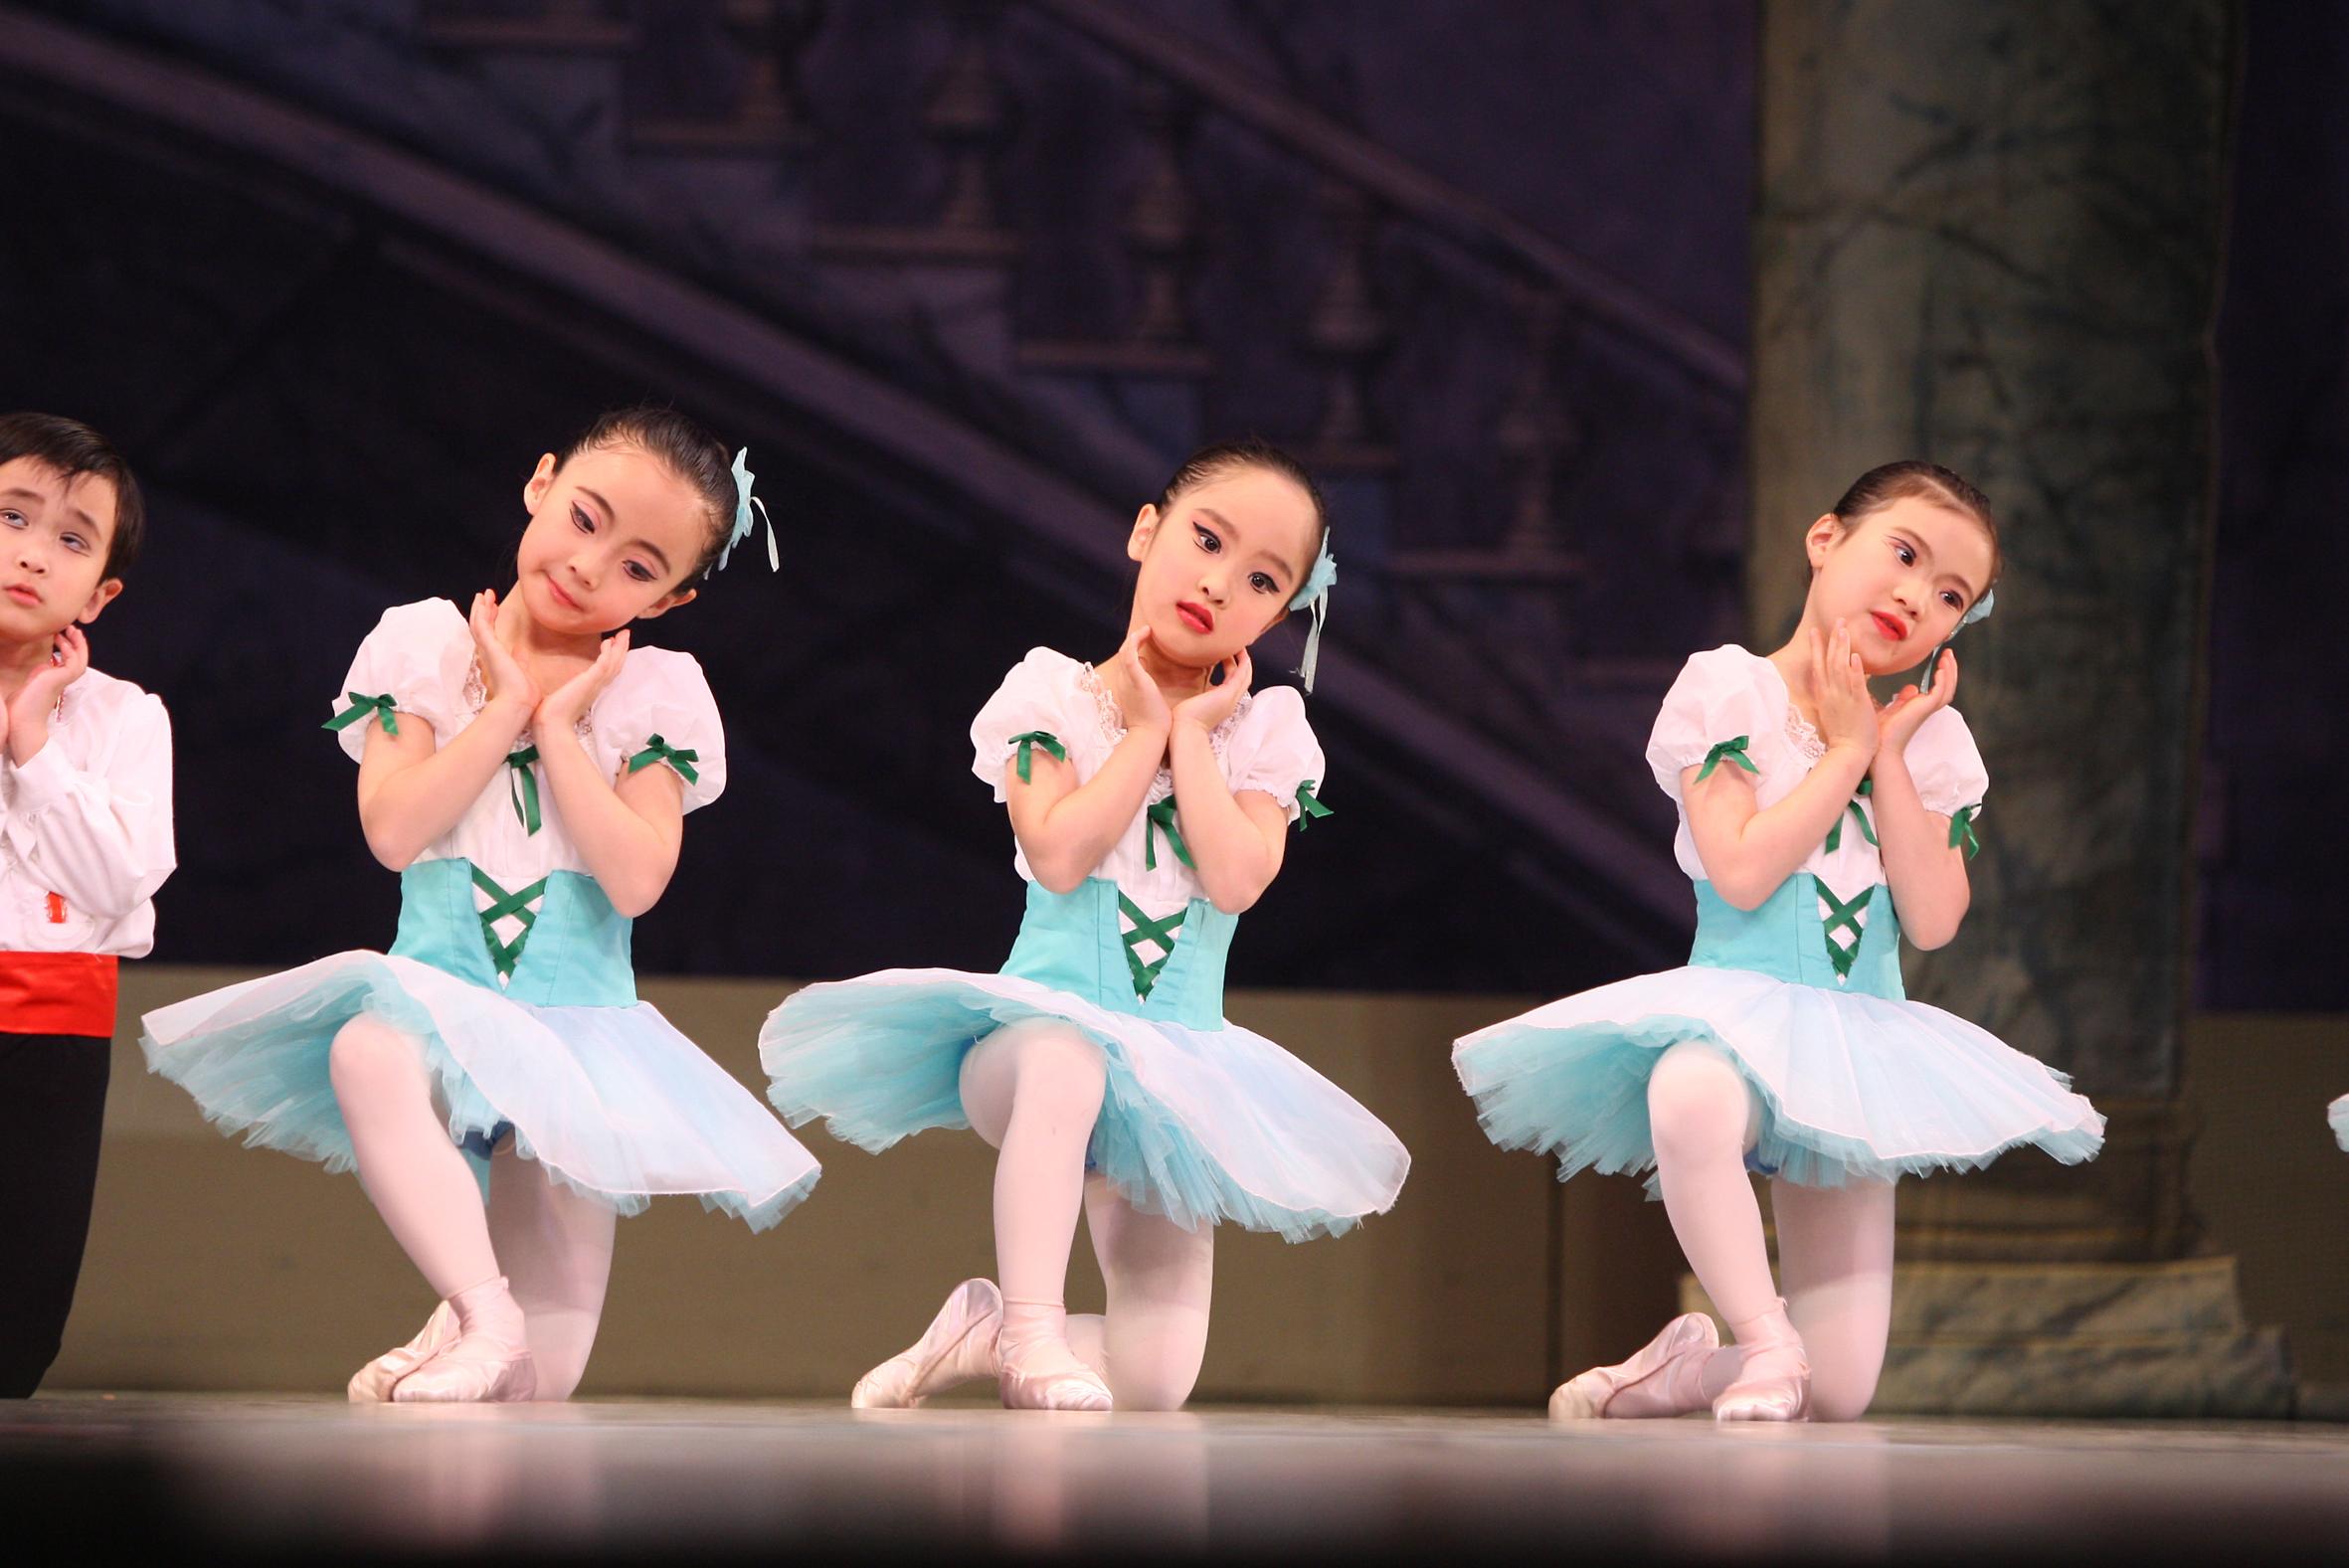 東京バレエ劇場附属 市川バレエ研究所の写真4